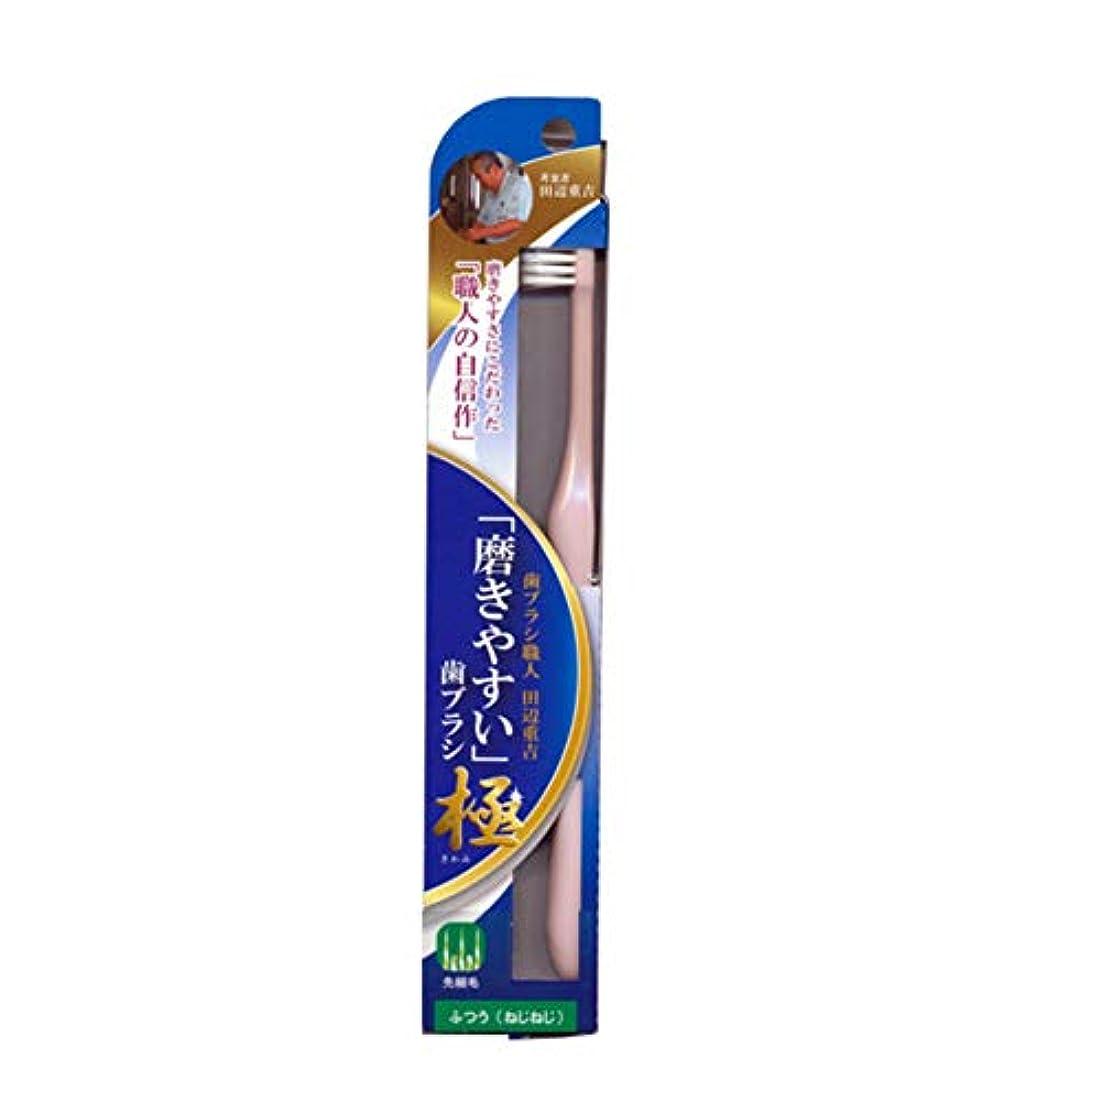 不明瞭地区スケジュール磨きやすい歯ブラシ極 (ふつう ねじねじ) LT-45 先細毛(色選択不可)